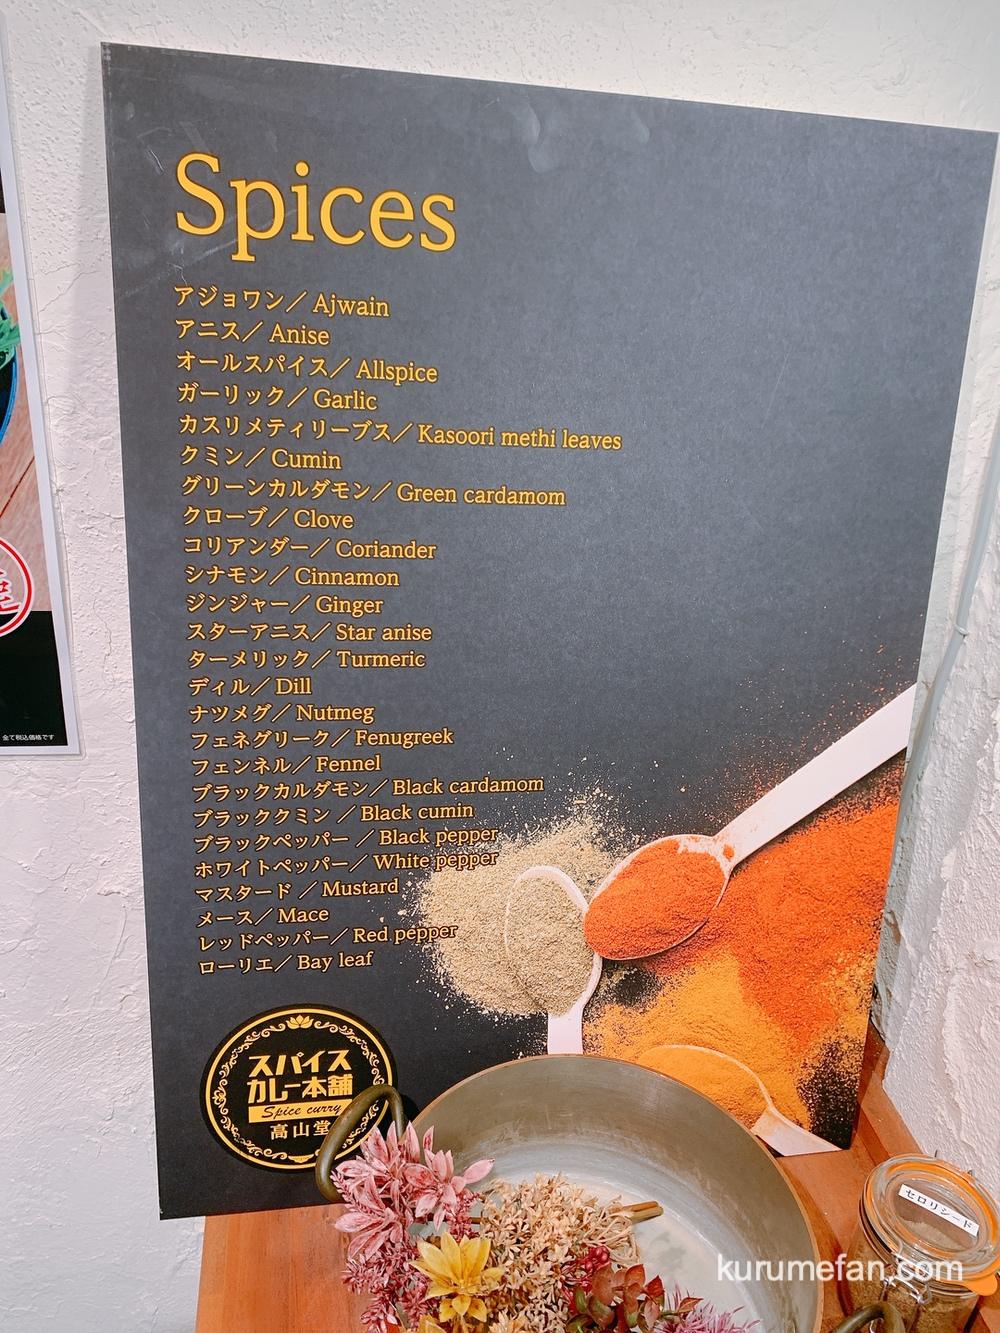 スパイスカレー本舗 高山堂 本場インドから直輸入された25種類のスパイスを使用